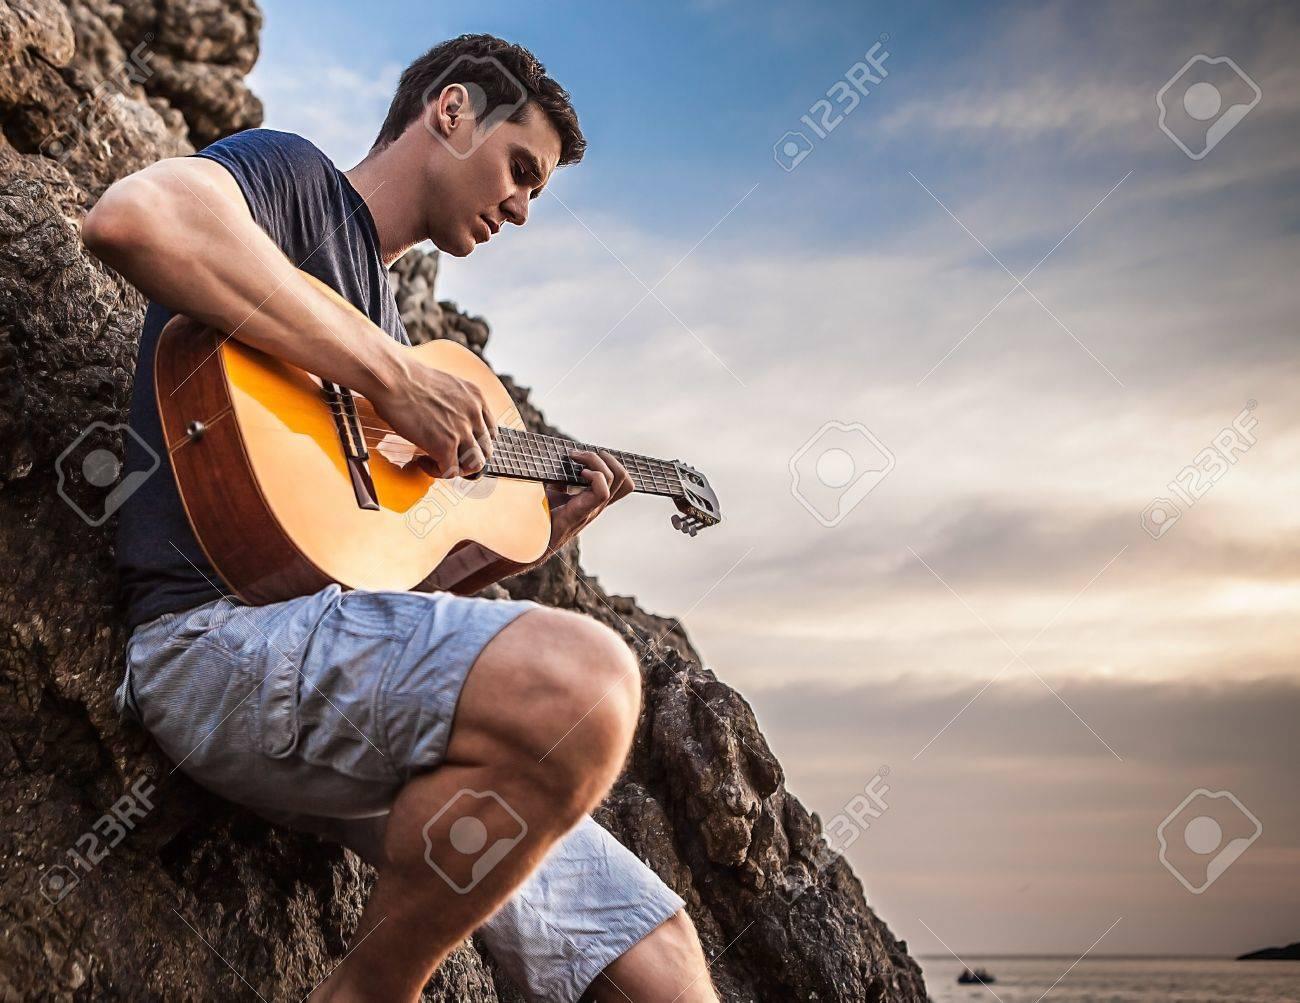 Attractive romantique guitariste jeu implantation de la musique sur la plage de roche Banque d'images - 19119955